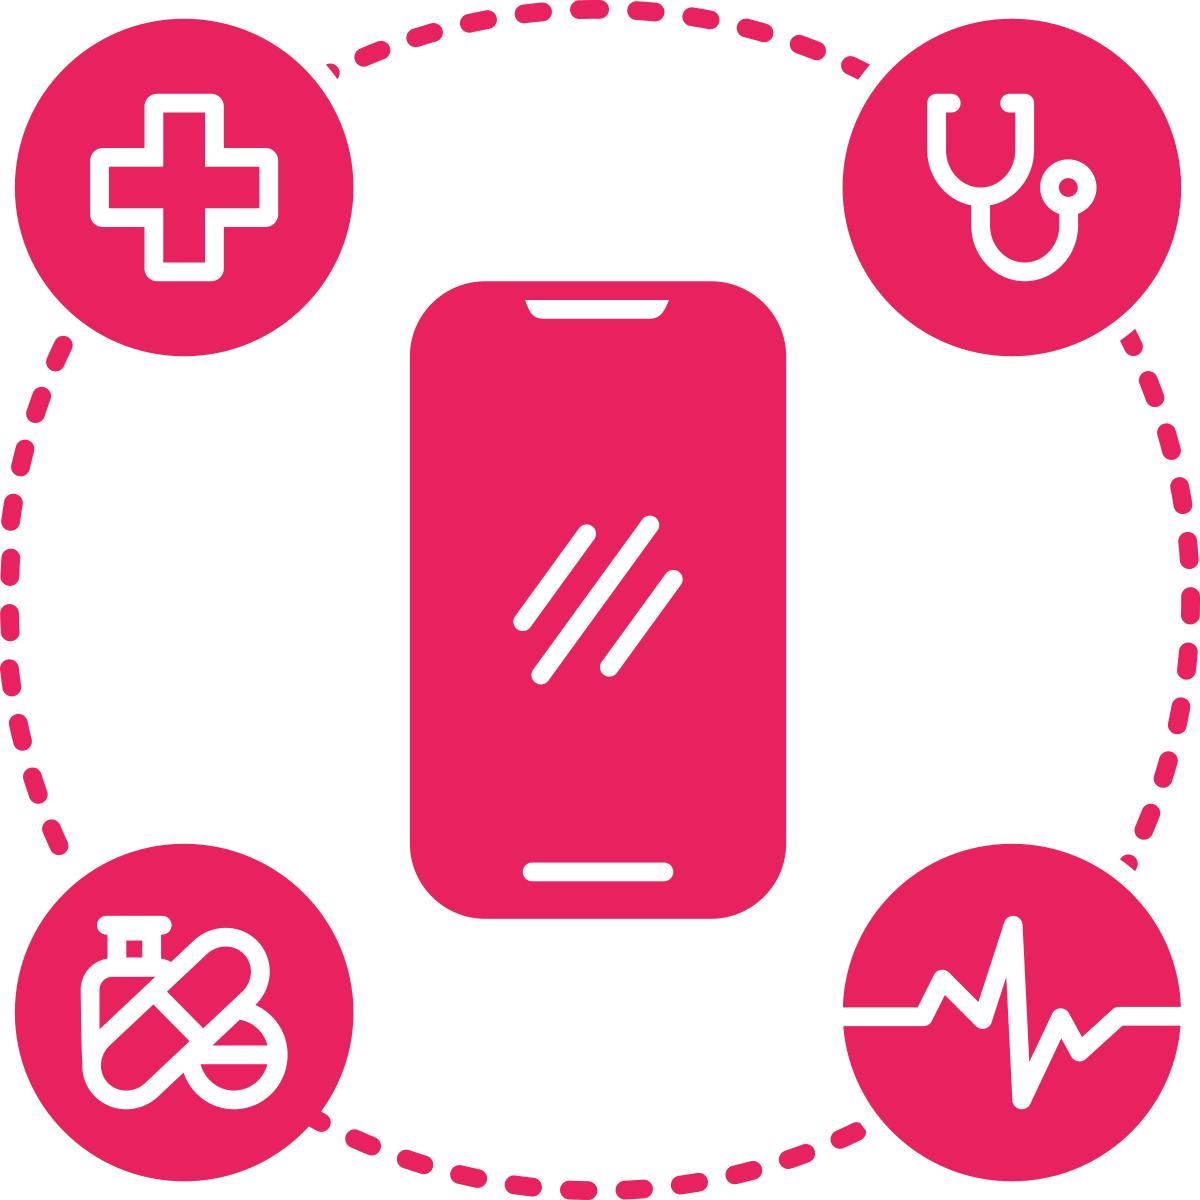 Proxima CRO MedTech Diagnostics & Digital Health